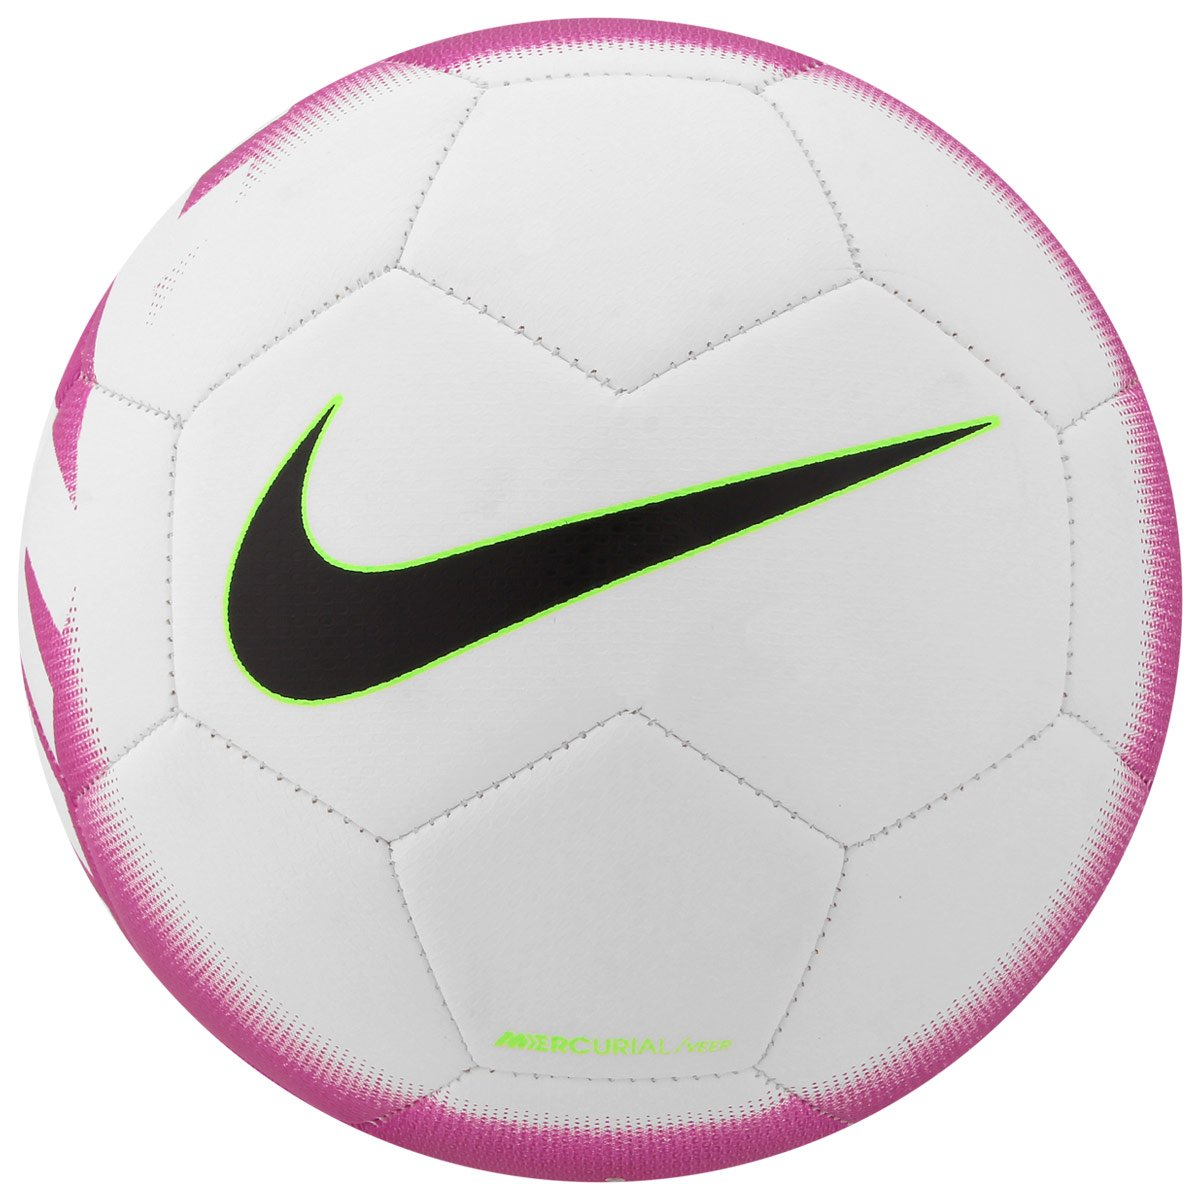 4b08c89cf8 Bola Futebol Nike Mercurial Veer Campo - Compre Agora